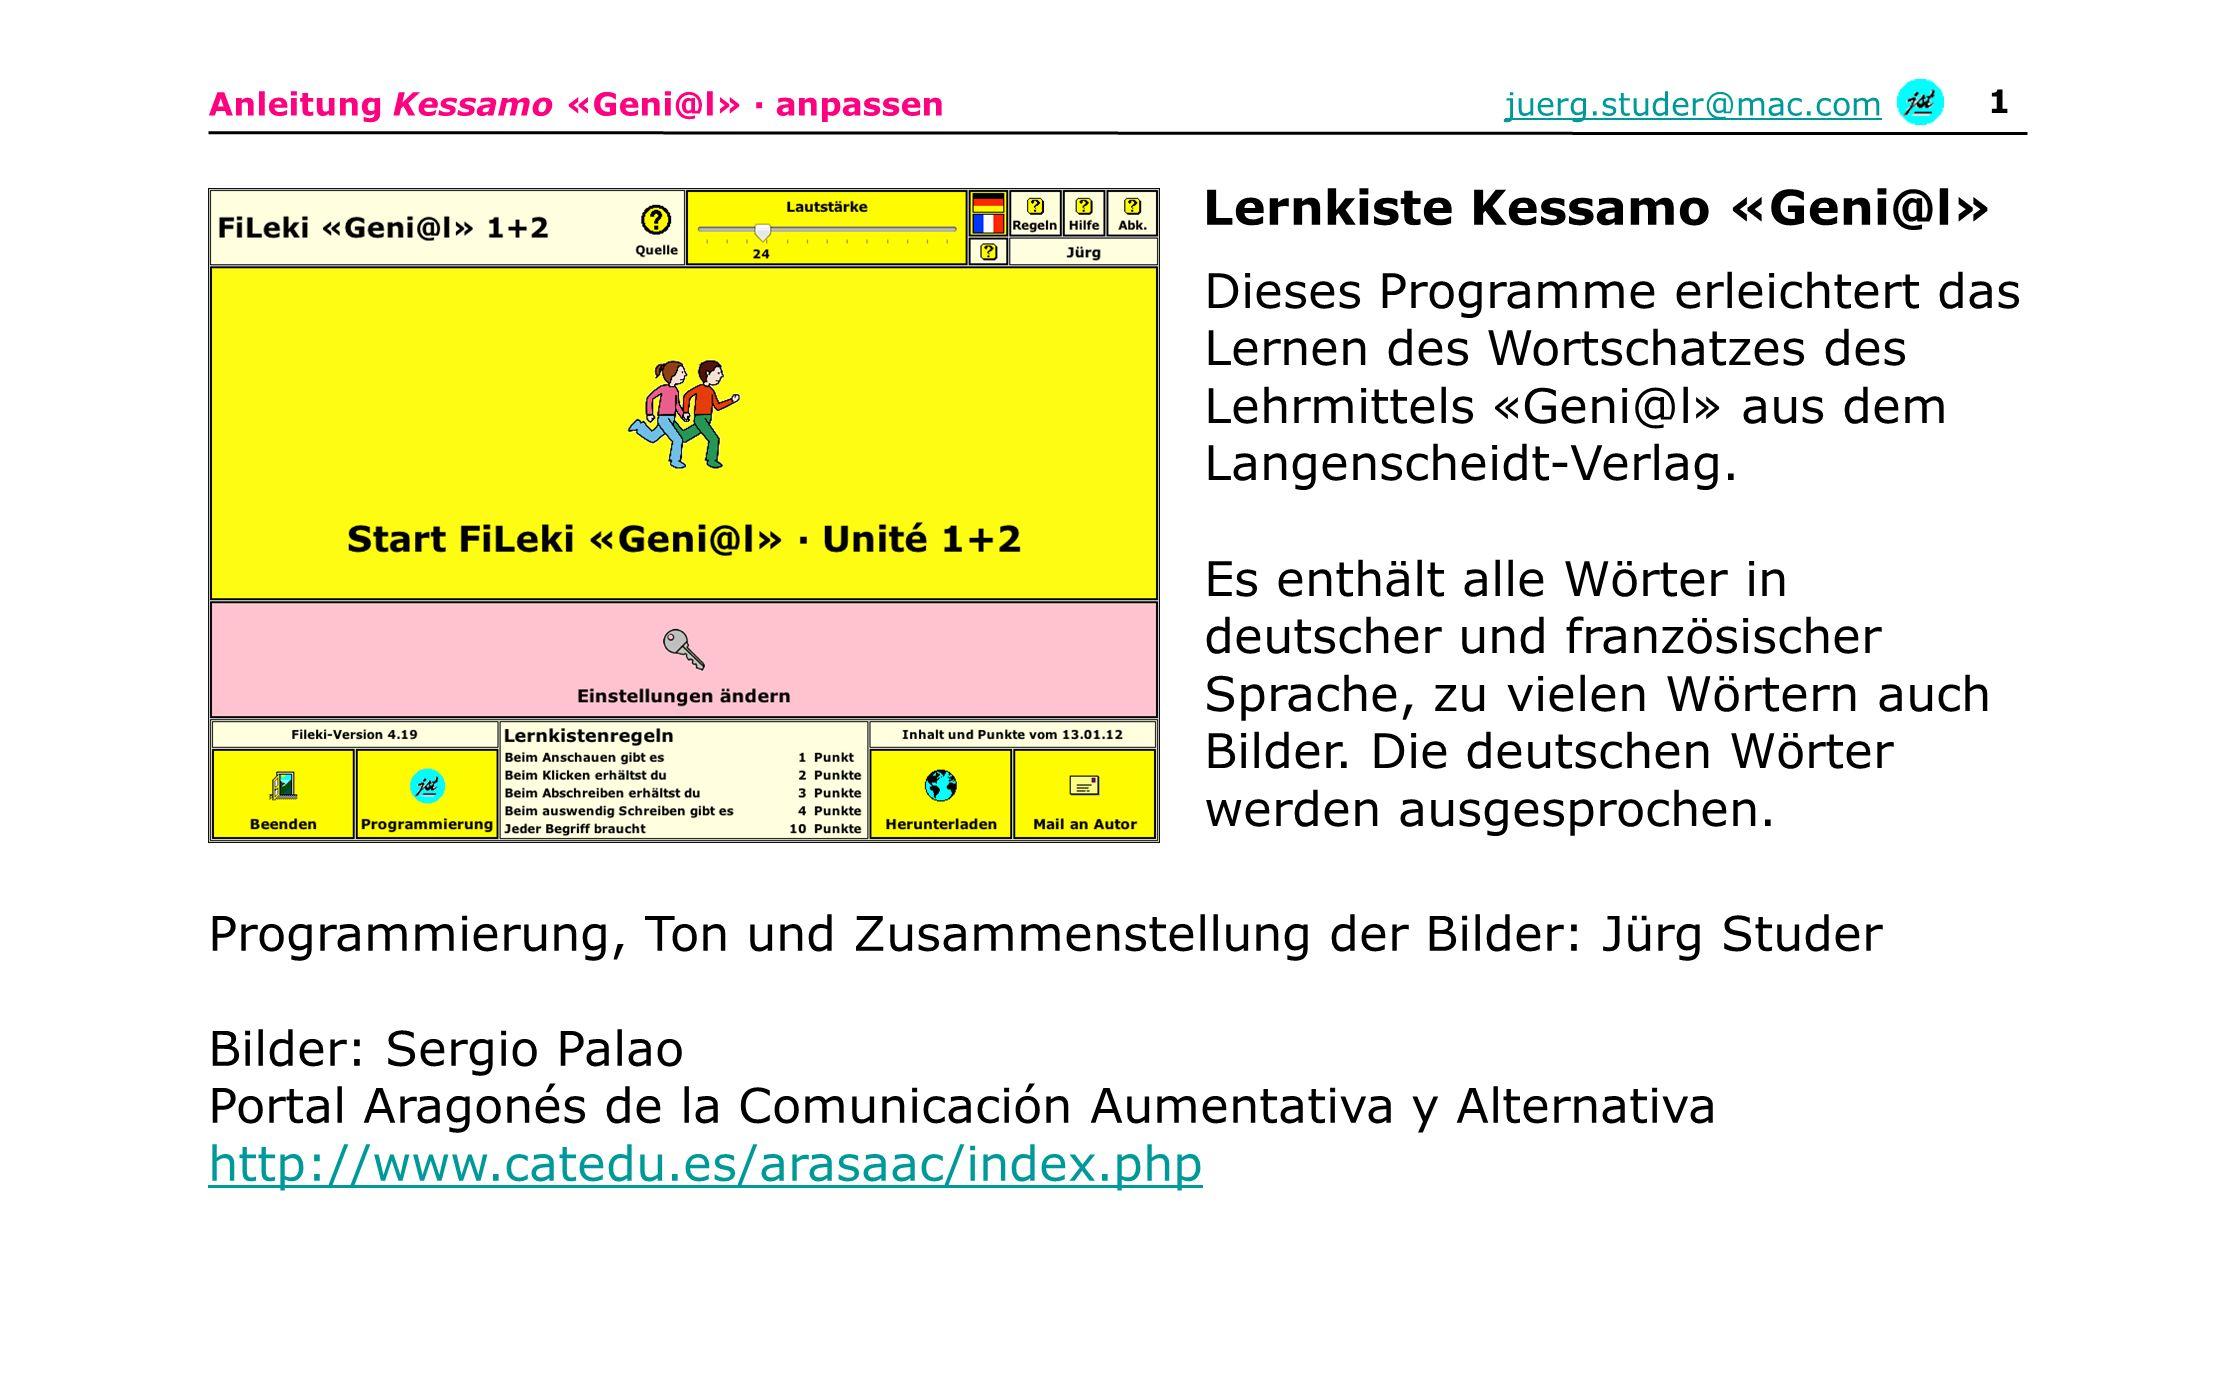 Anleitung Kessamo «Geni@l» · anpassenjuerg.studer@mac.com 1 Dieses Programme erleichtert das Lernen des Wortschatzes des Lehrmittels «Geni@l» aus dem